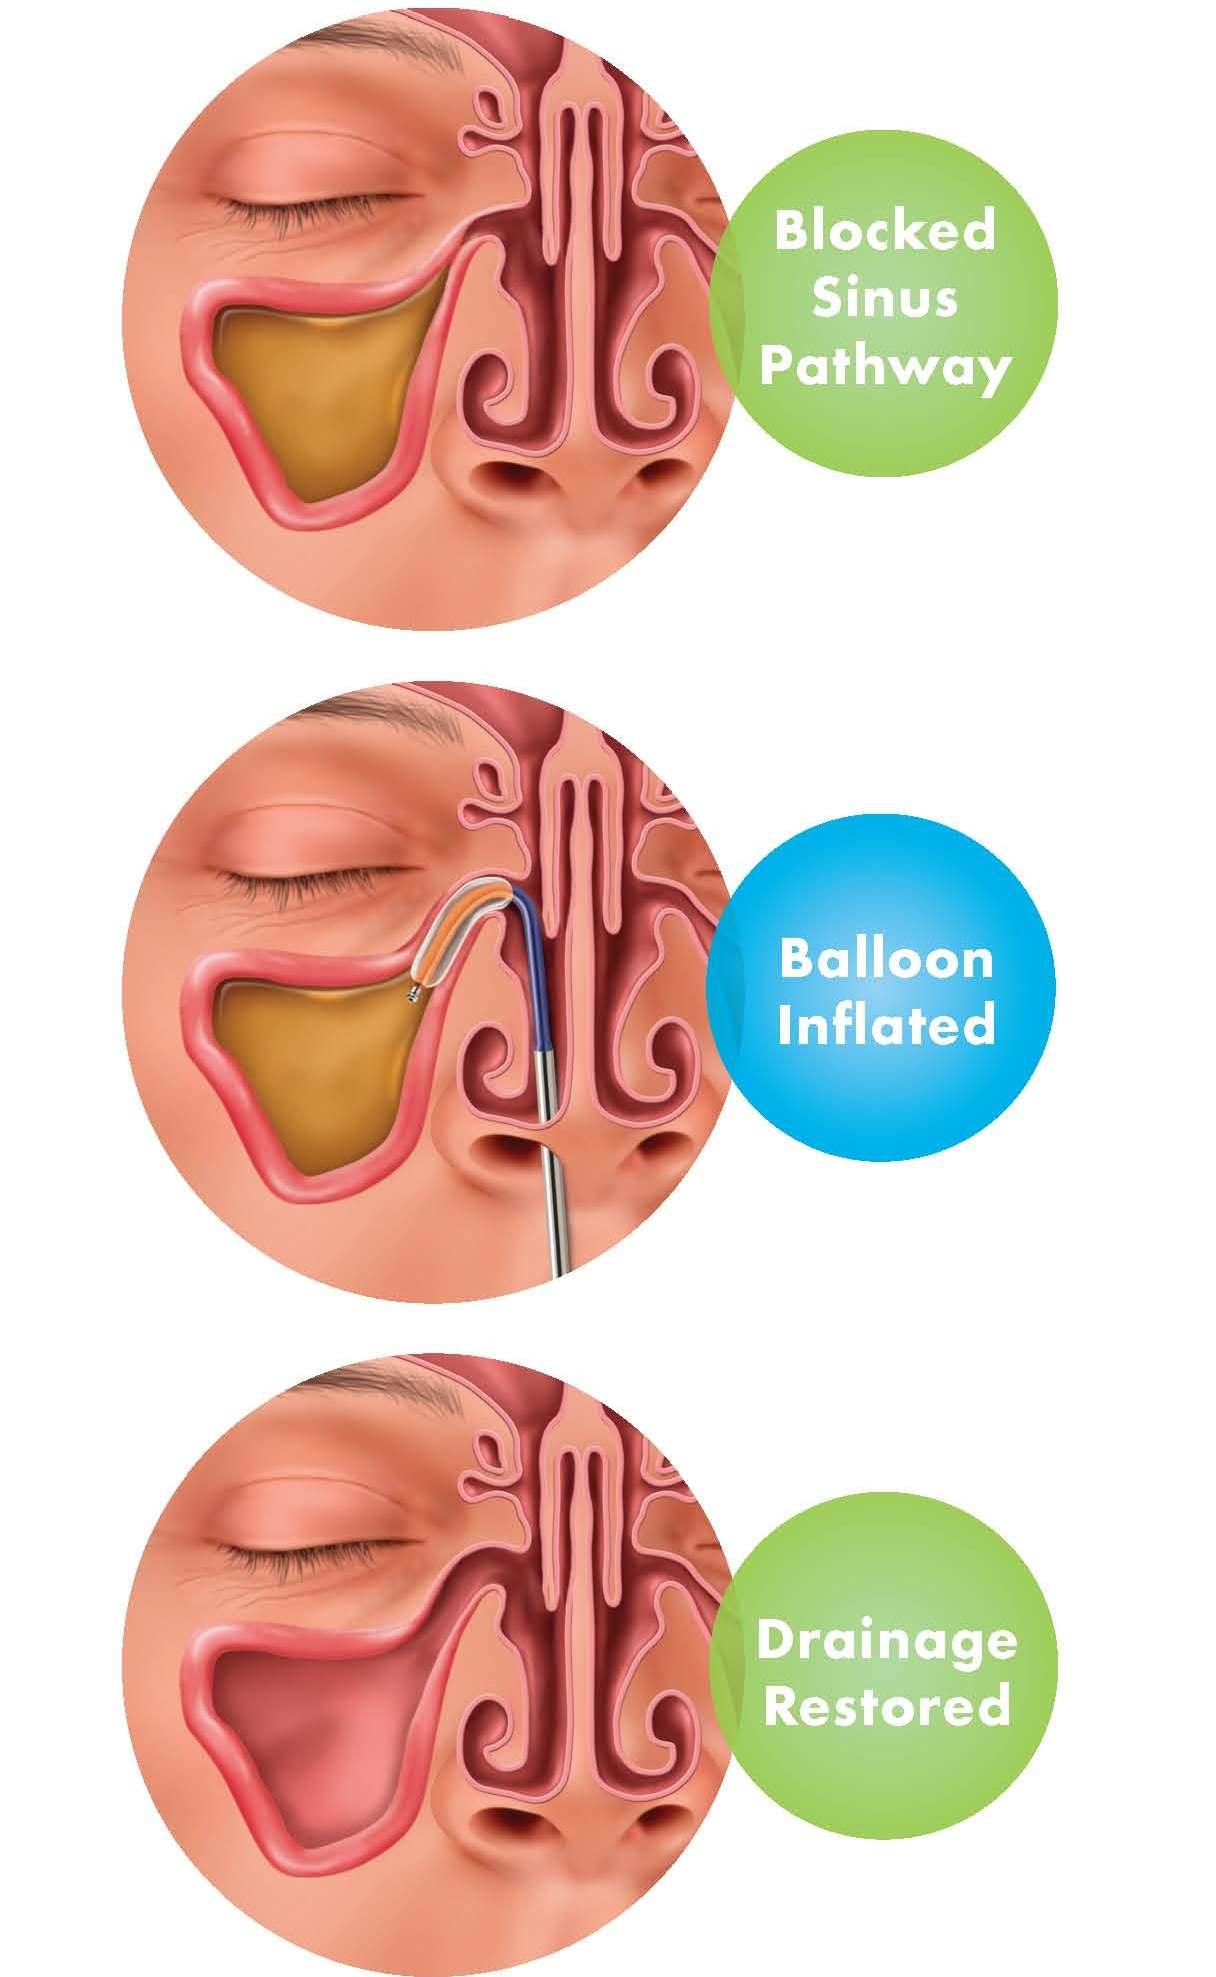 balloon sinuplasty and balloon sinus dilation st louis